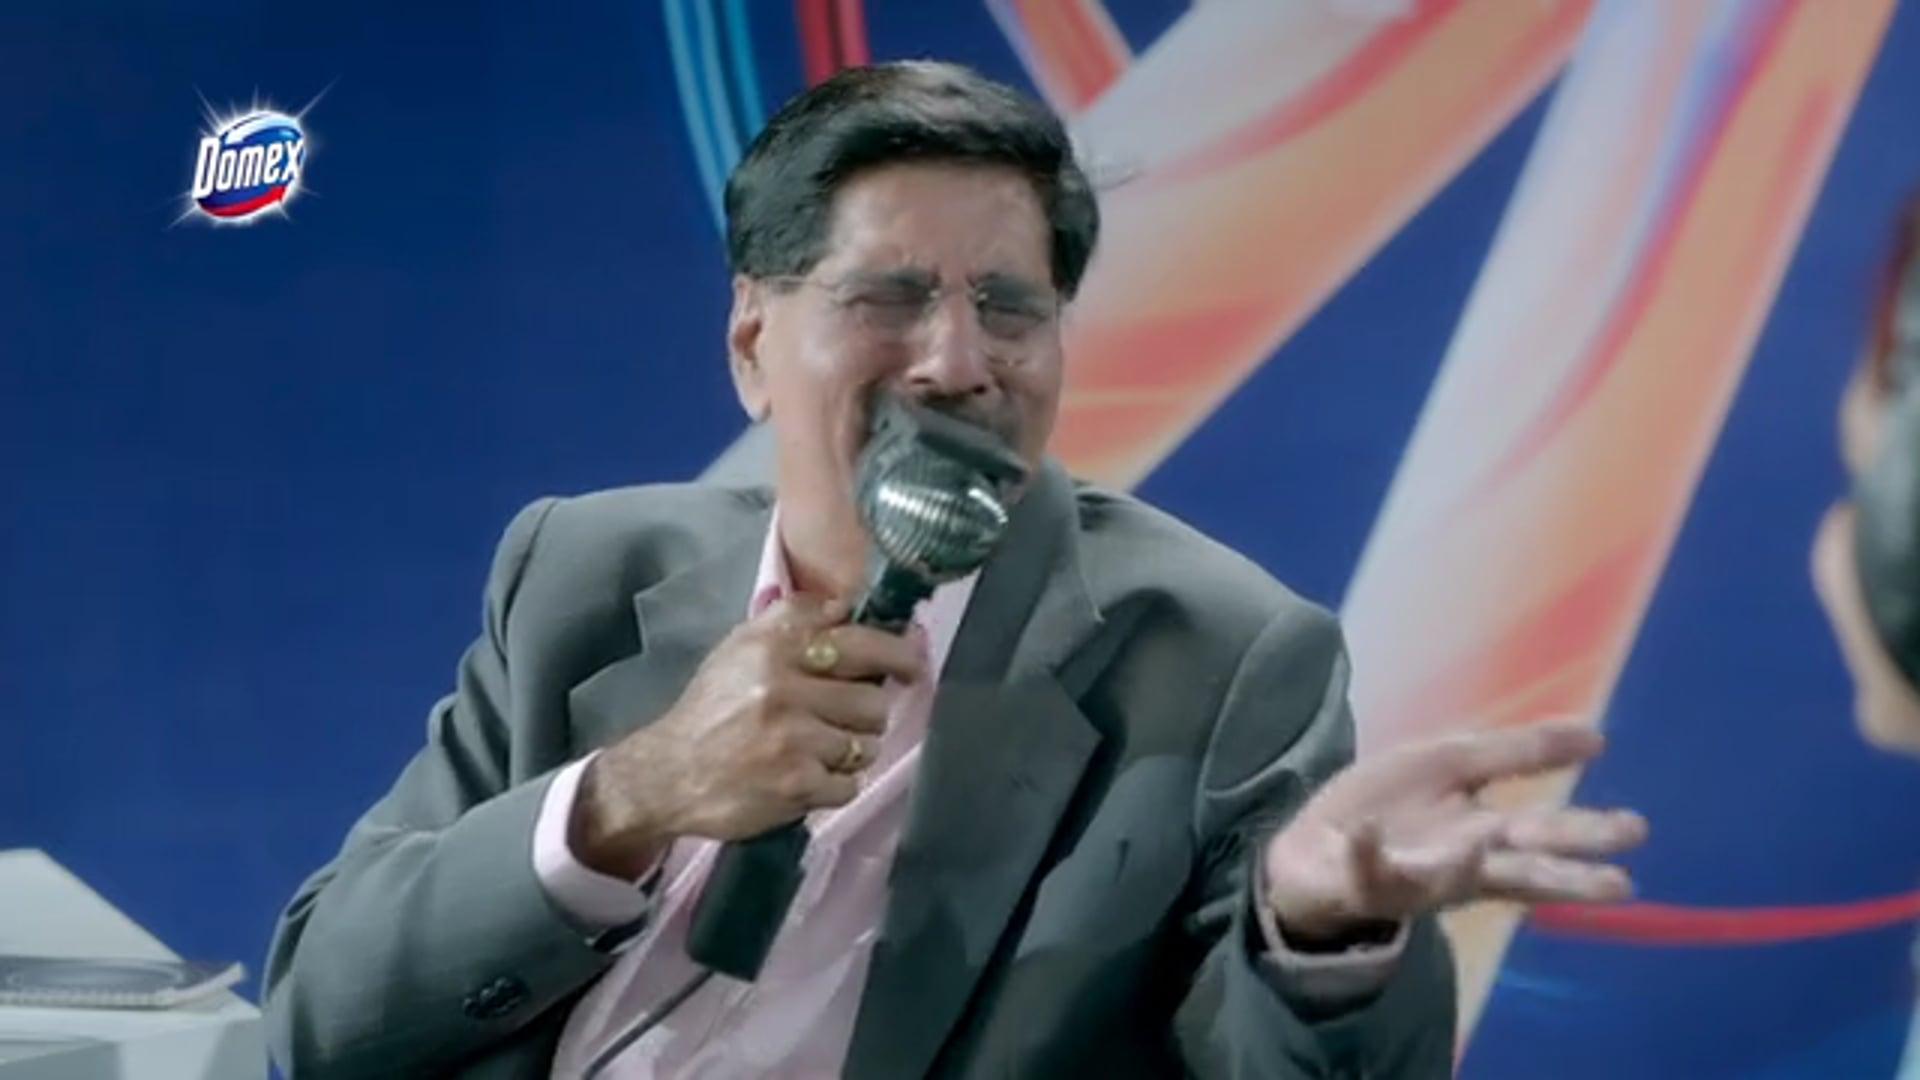 DOMEX | HUL | KRISHNAMACHARI SRIKHANTH | FILM 3 | IPL